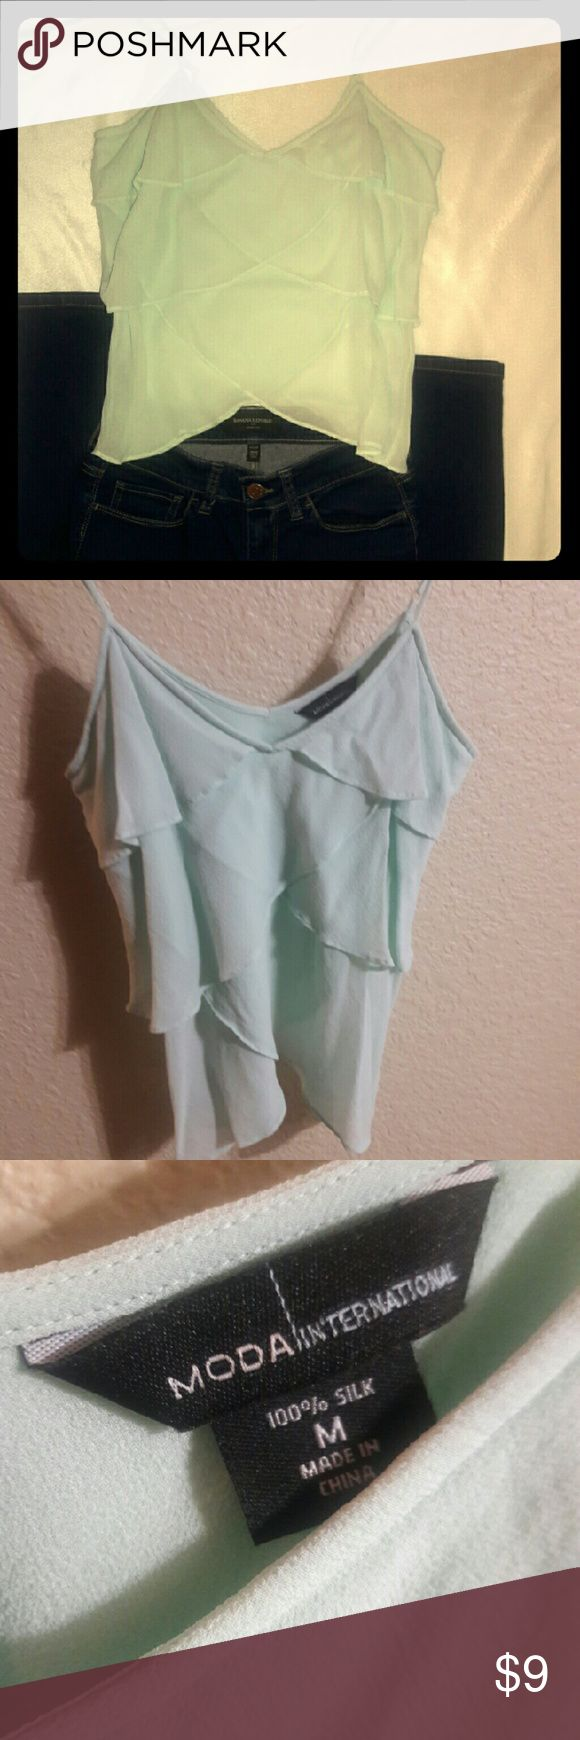 Moda International cami 100% Silk Medium Light blu-ish green Tops Camisoles